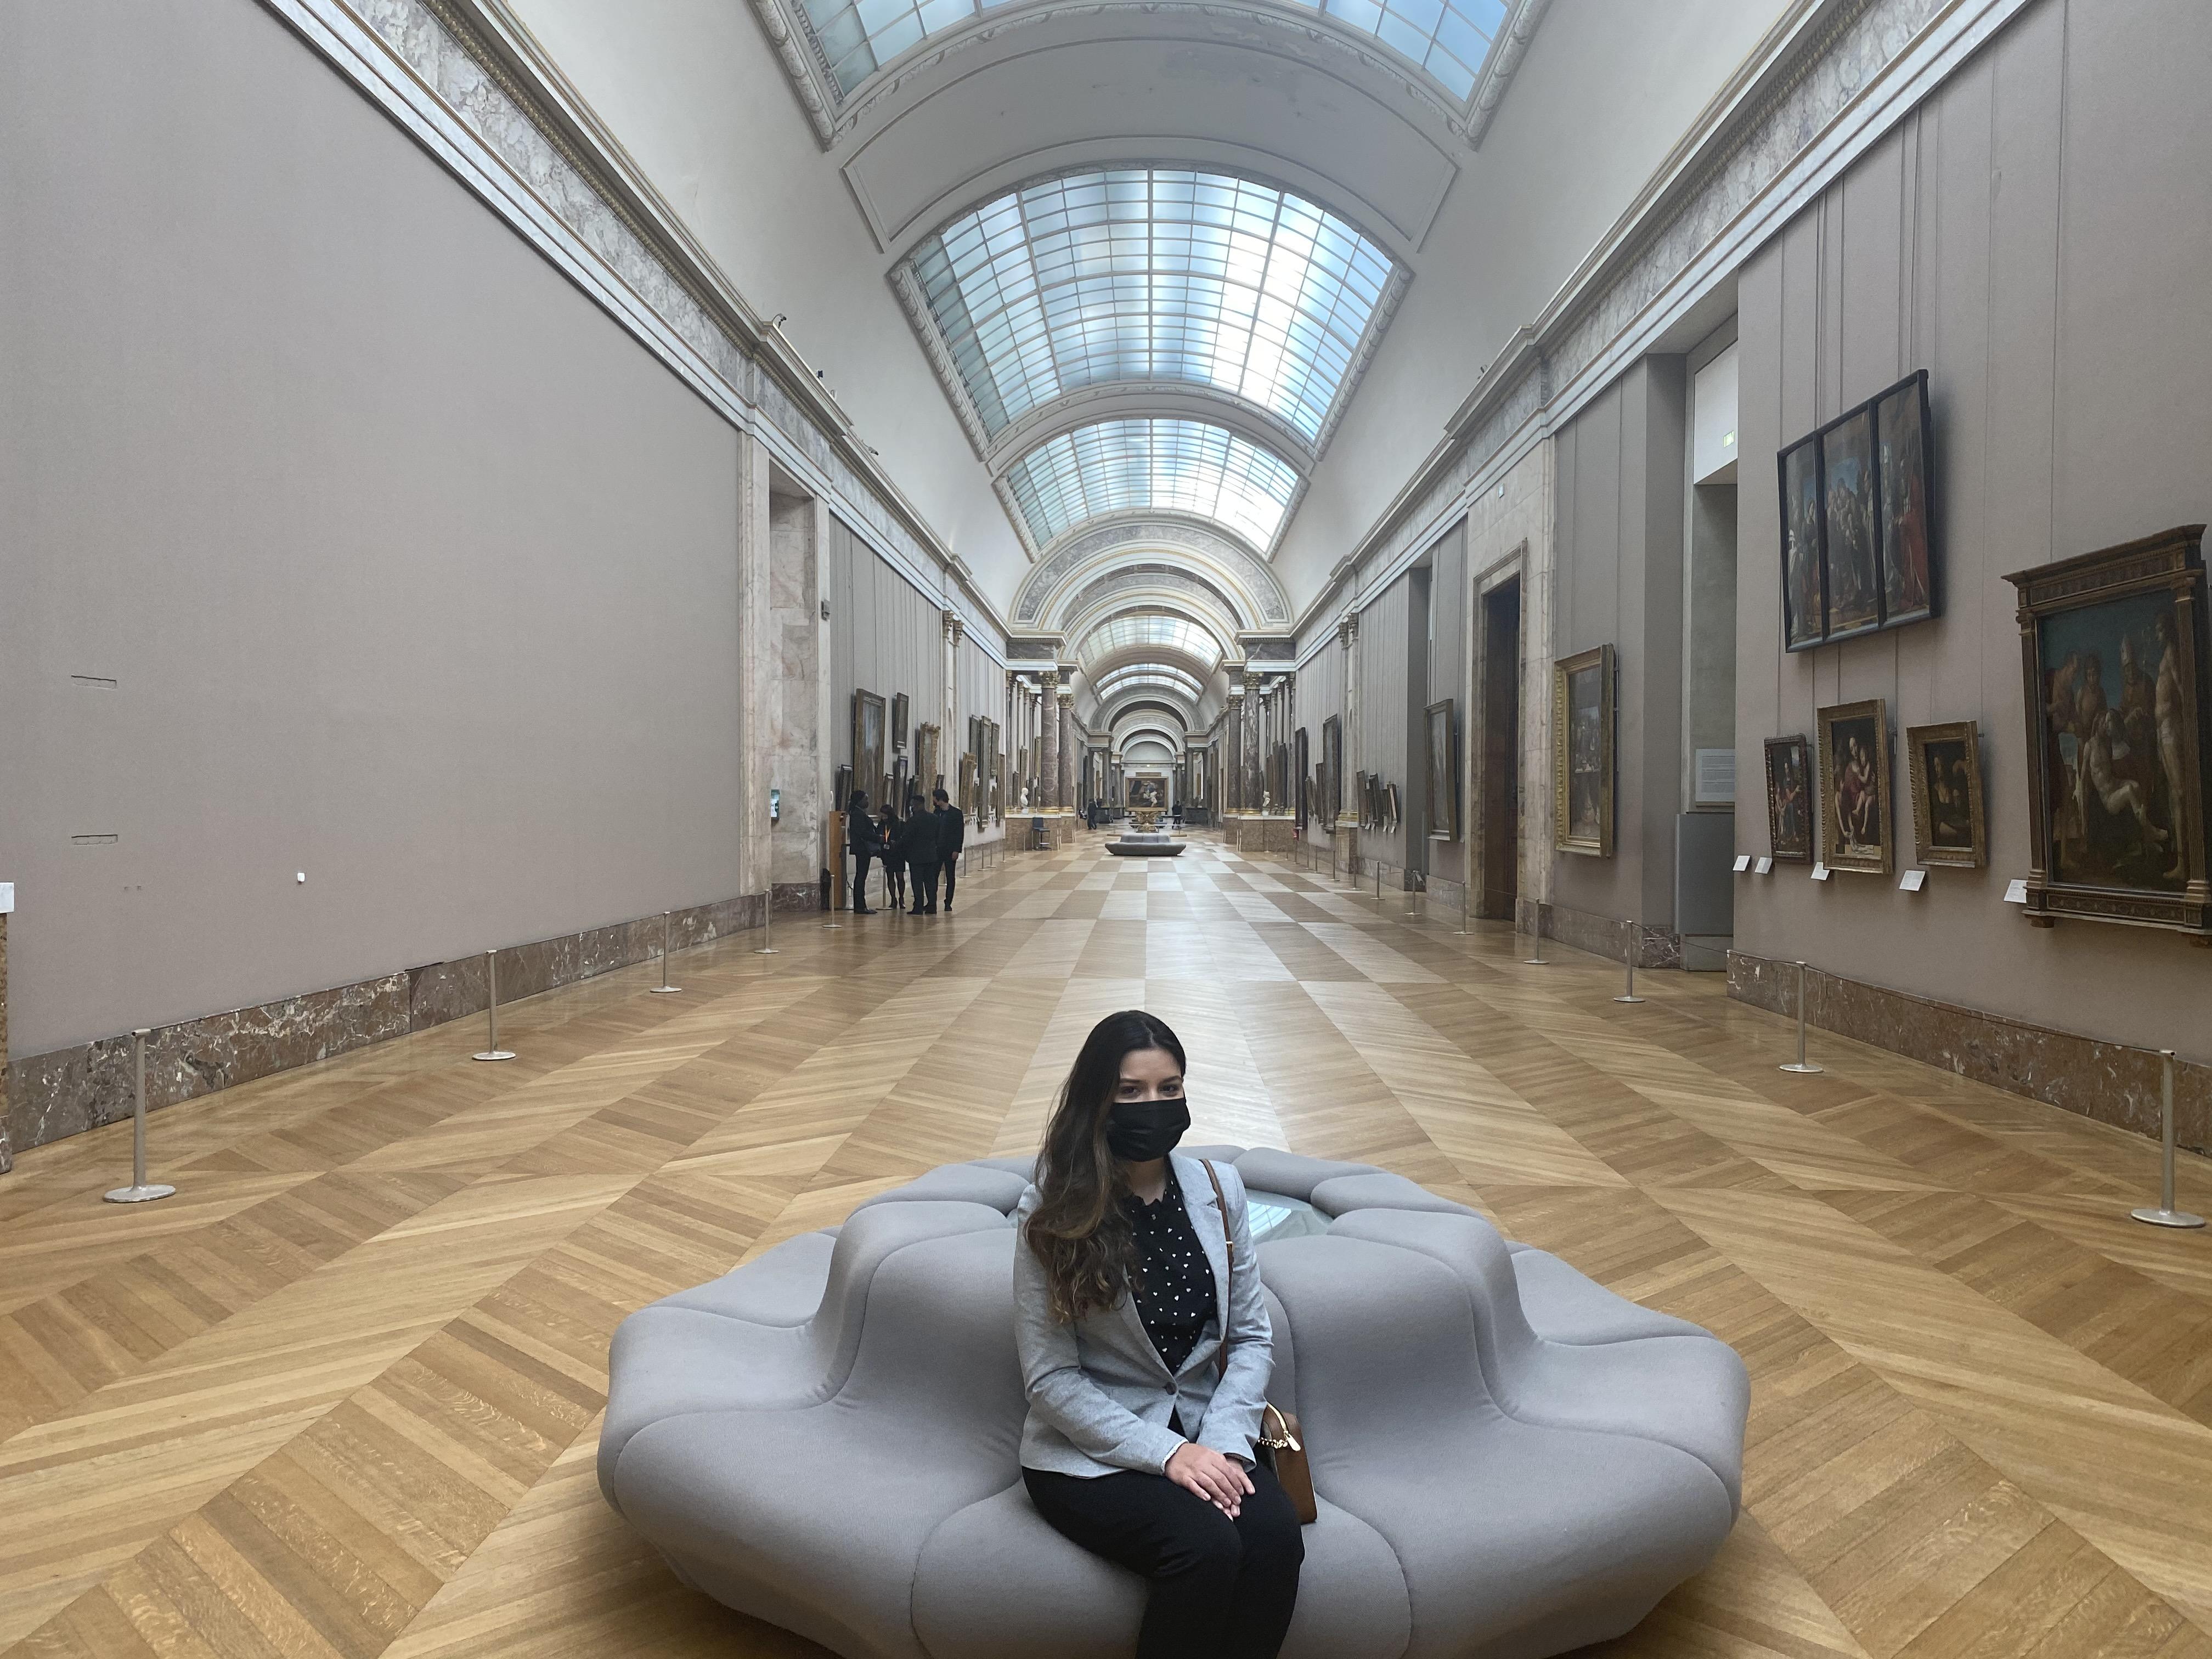 museu-do-louvre-lembrancas-da-gabi-blog5